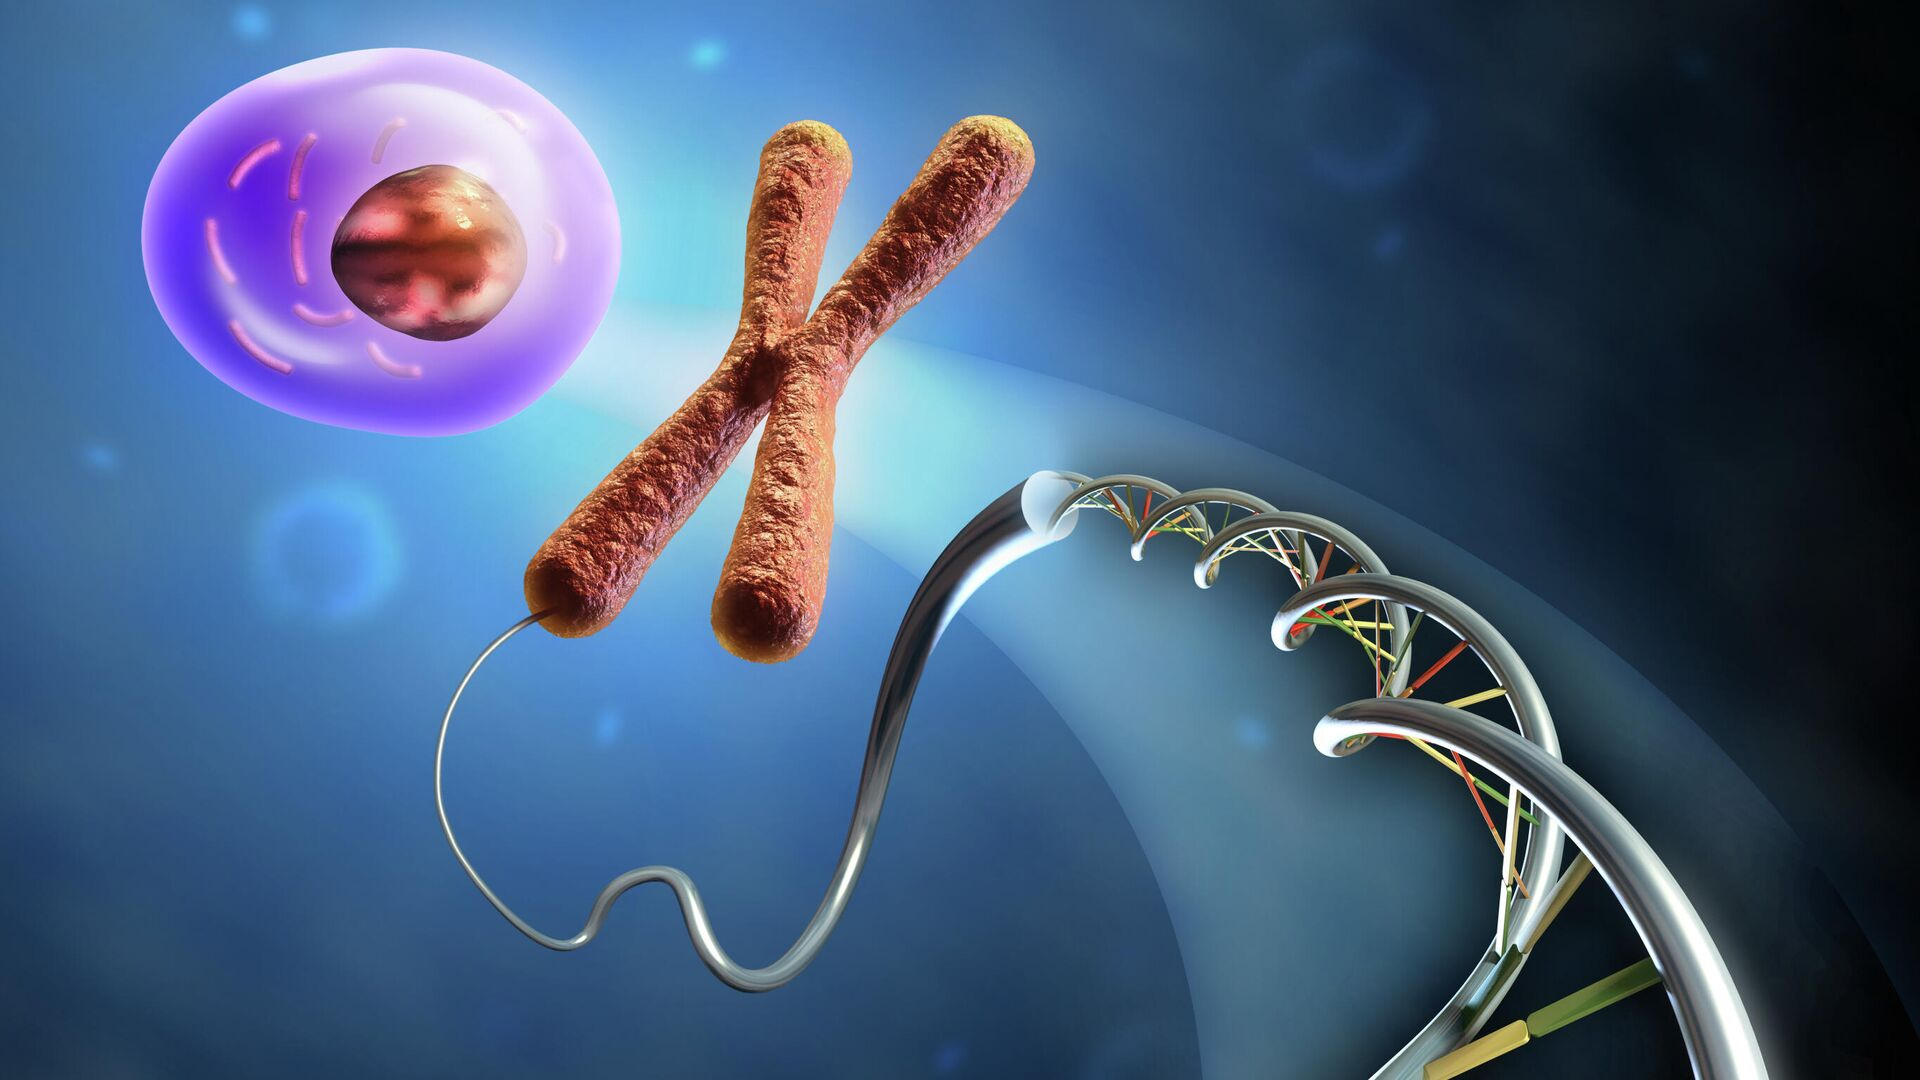 Образование клетки из ДНК и хромосом - РИА Новости, 1920, 05.03.2021